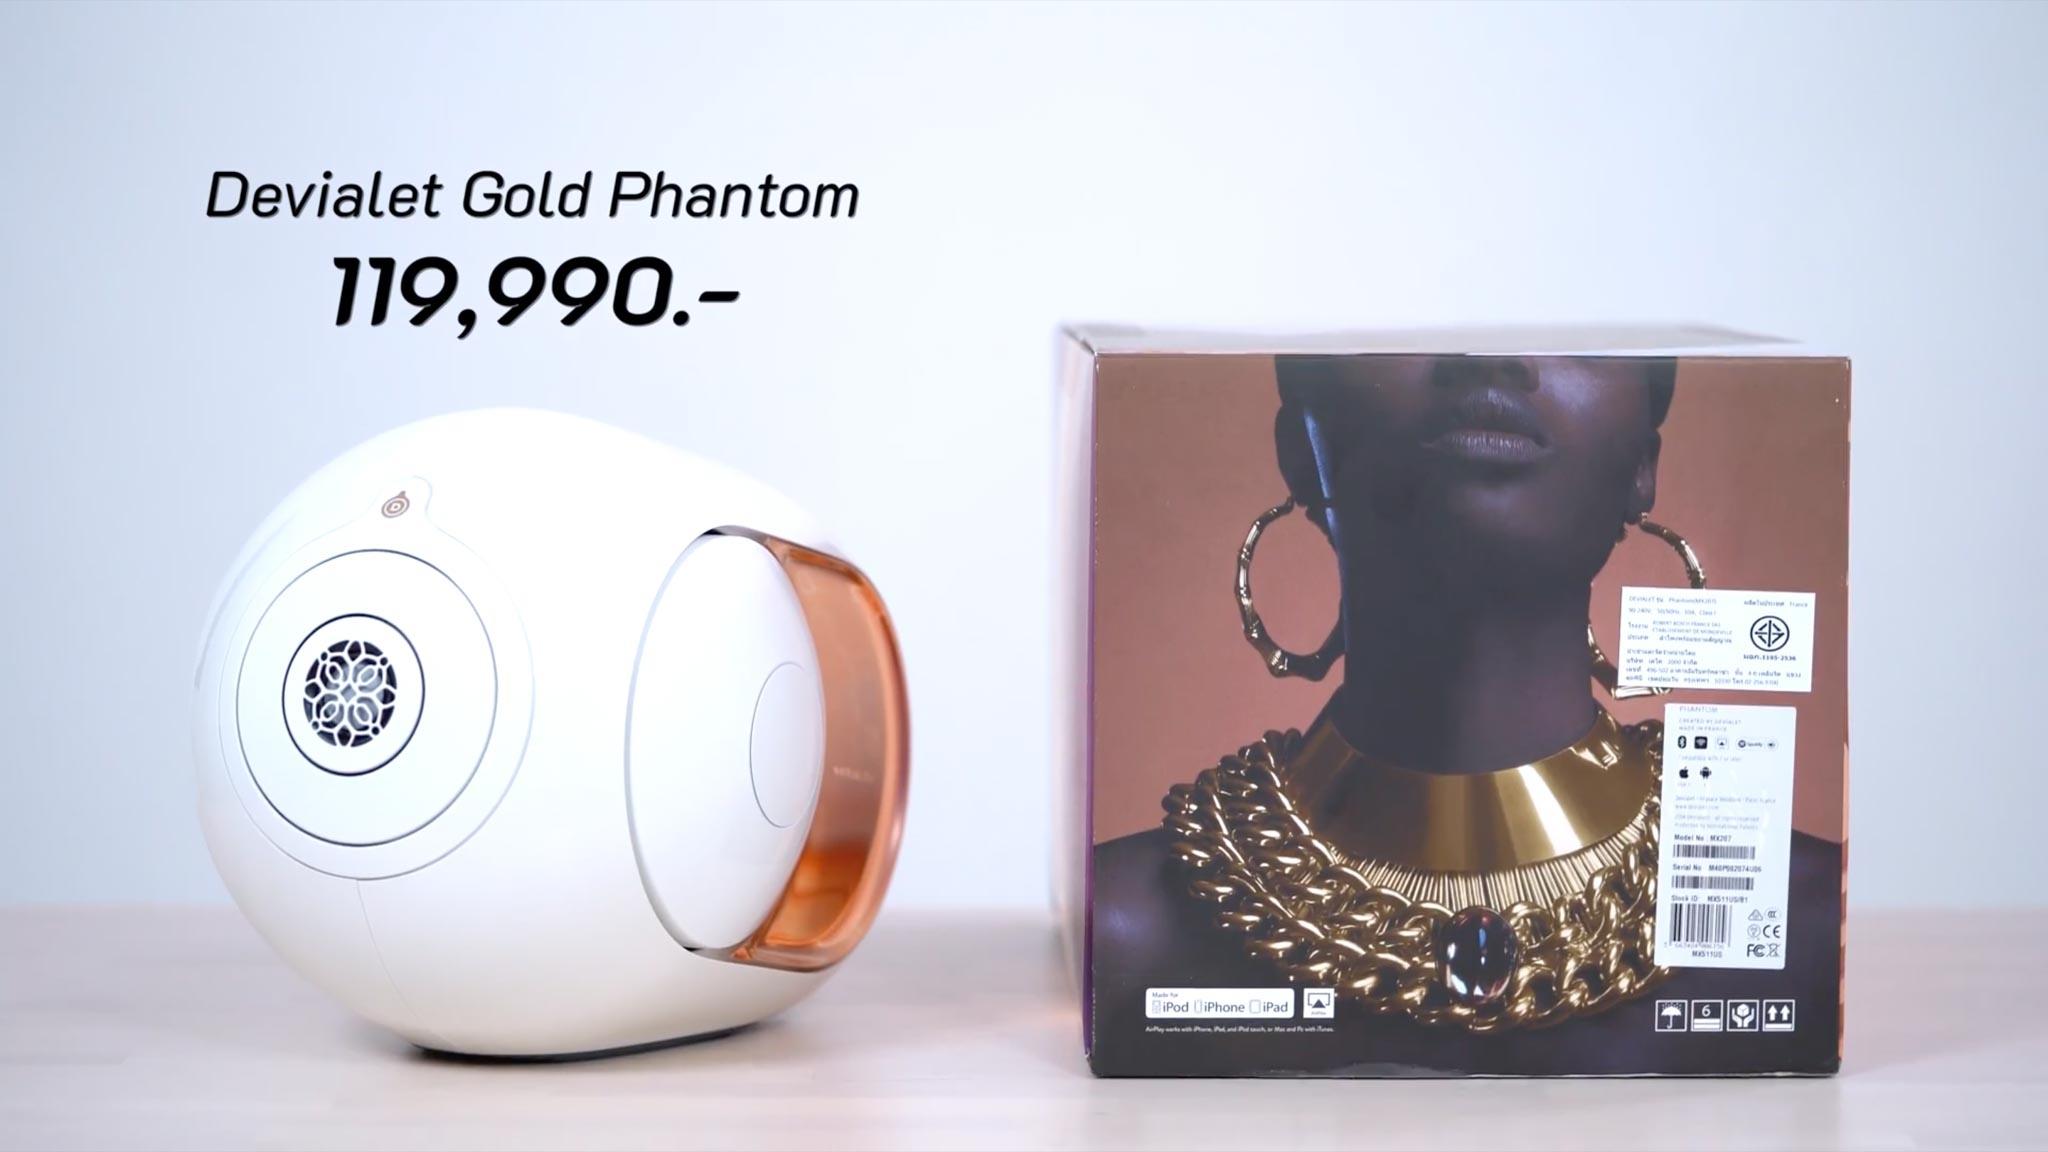 Devialet Gold Phantom - ลำโพงไร้สายเสียงดีที่สุดในโลก